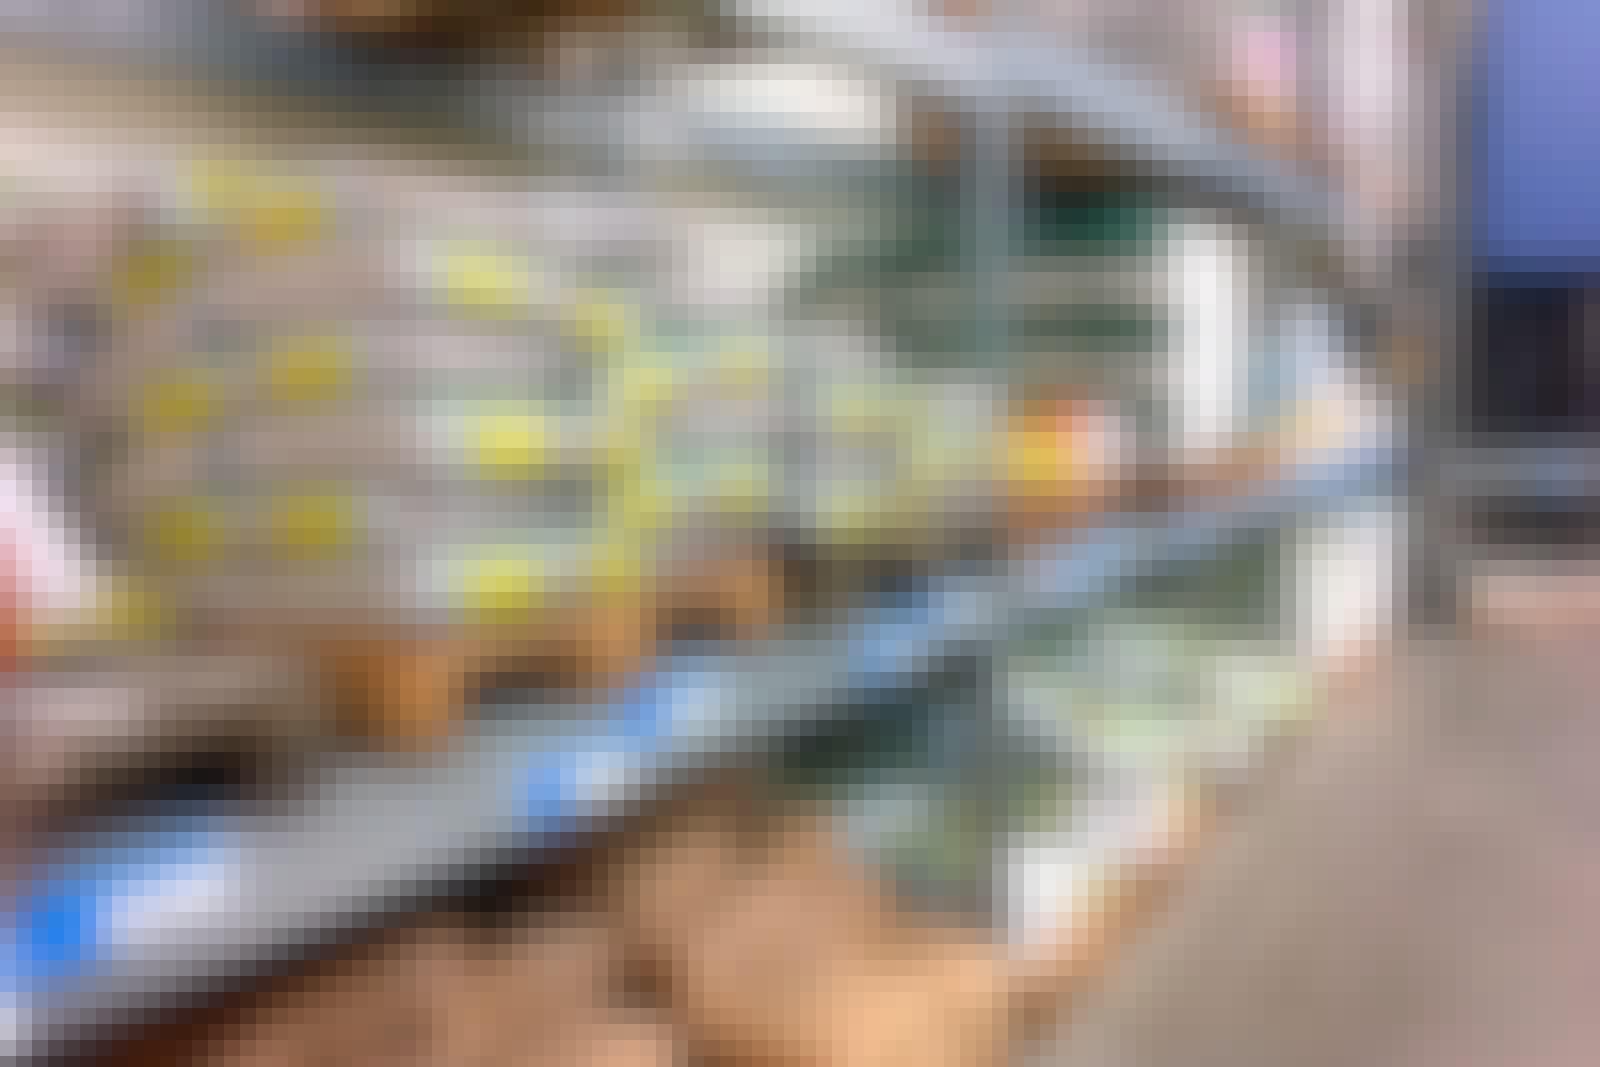 Ferdigblandet pussmørtel: Hyllene på byggvarehusene kryr av ferdigblandet pussmørtel - både til utendørs og innendørs bruk.